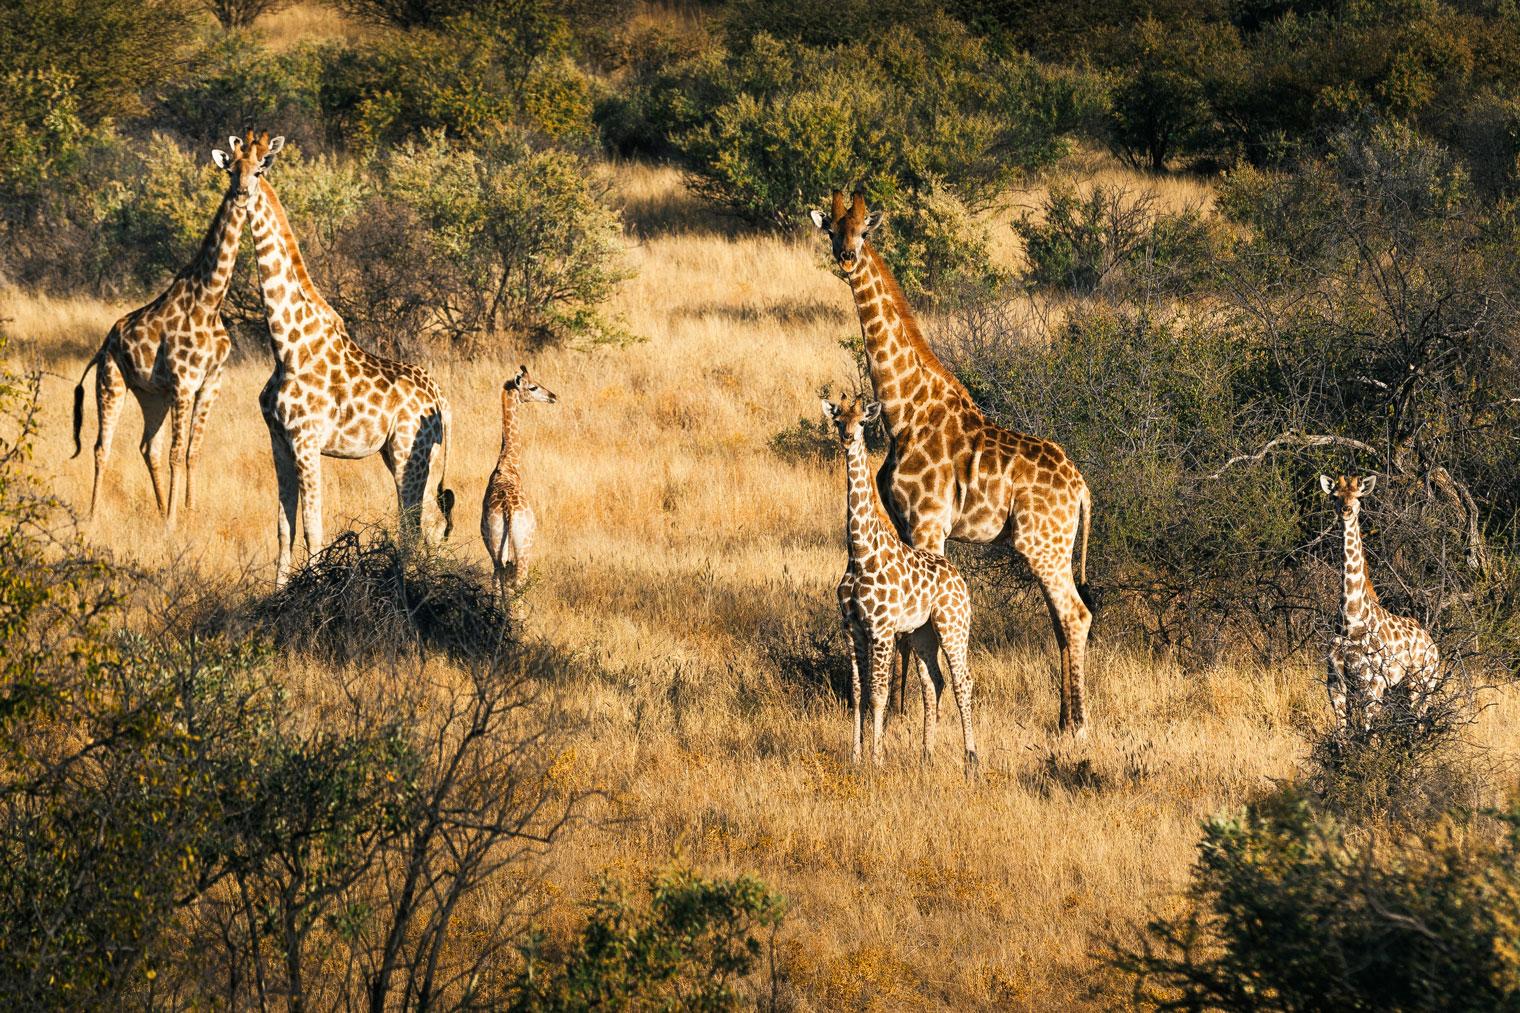 Namibia-Omaanda-Giraffes